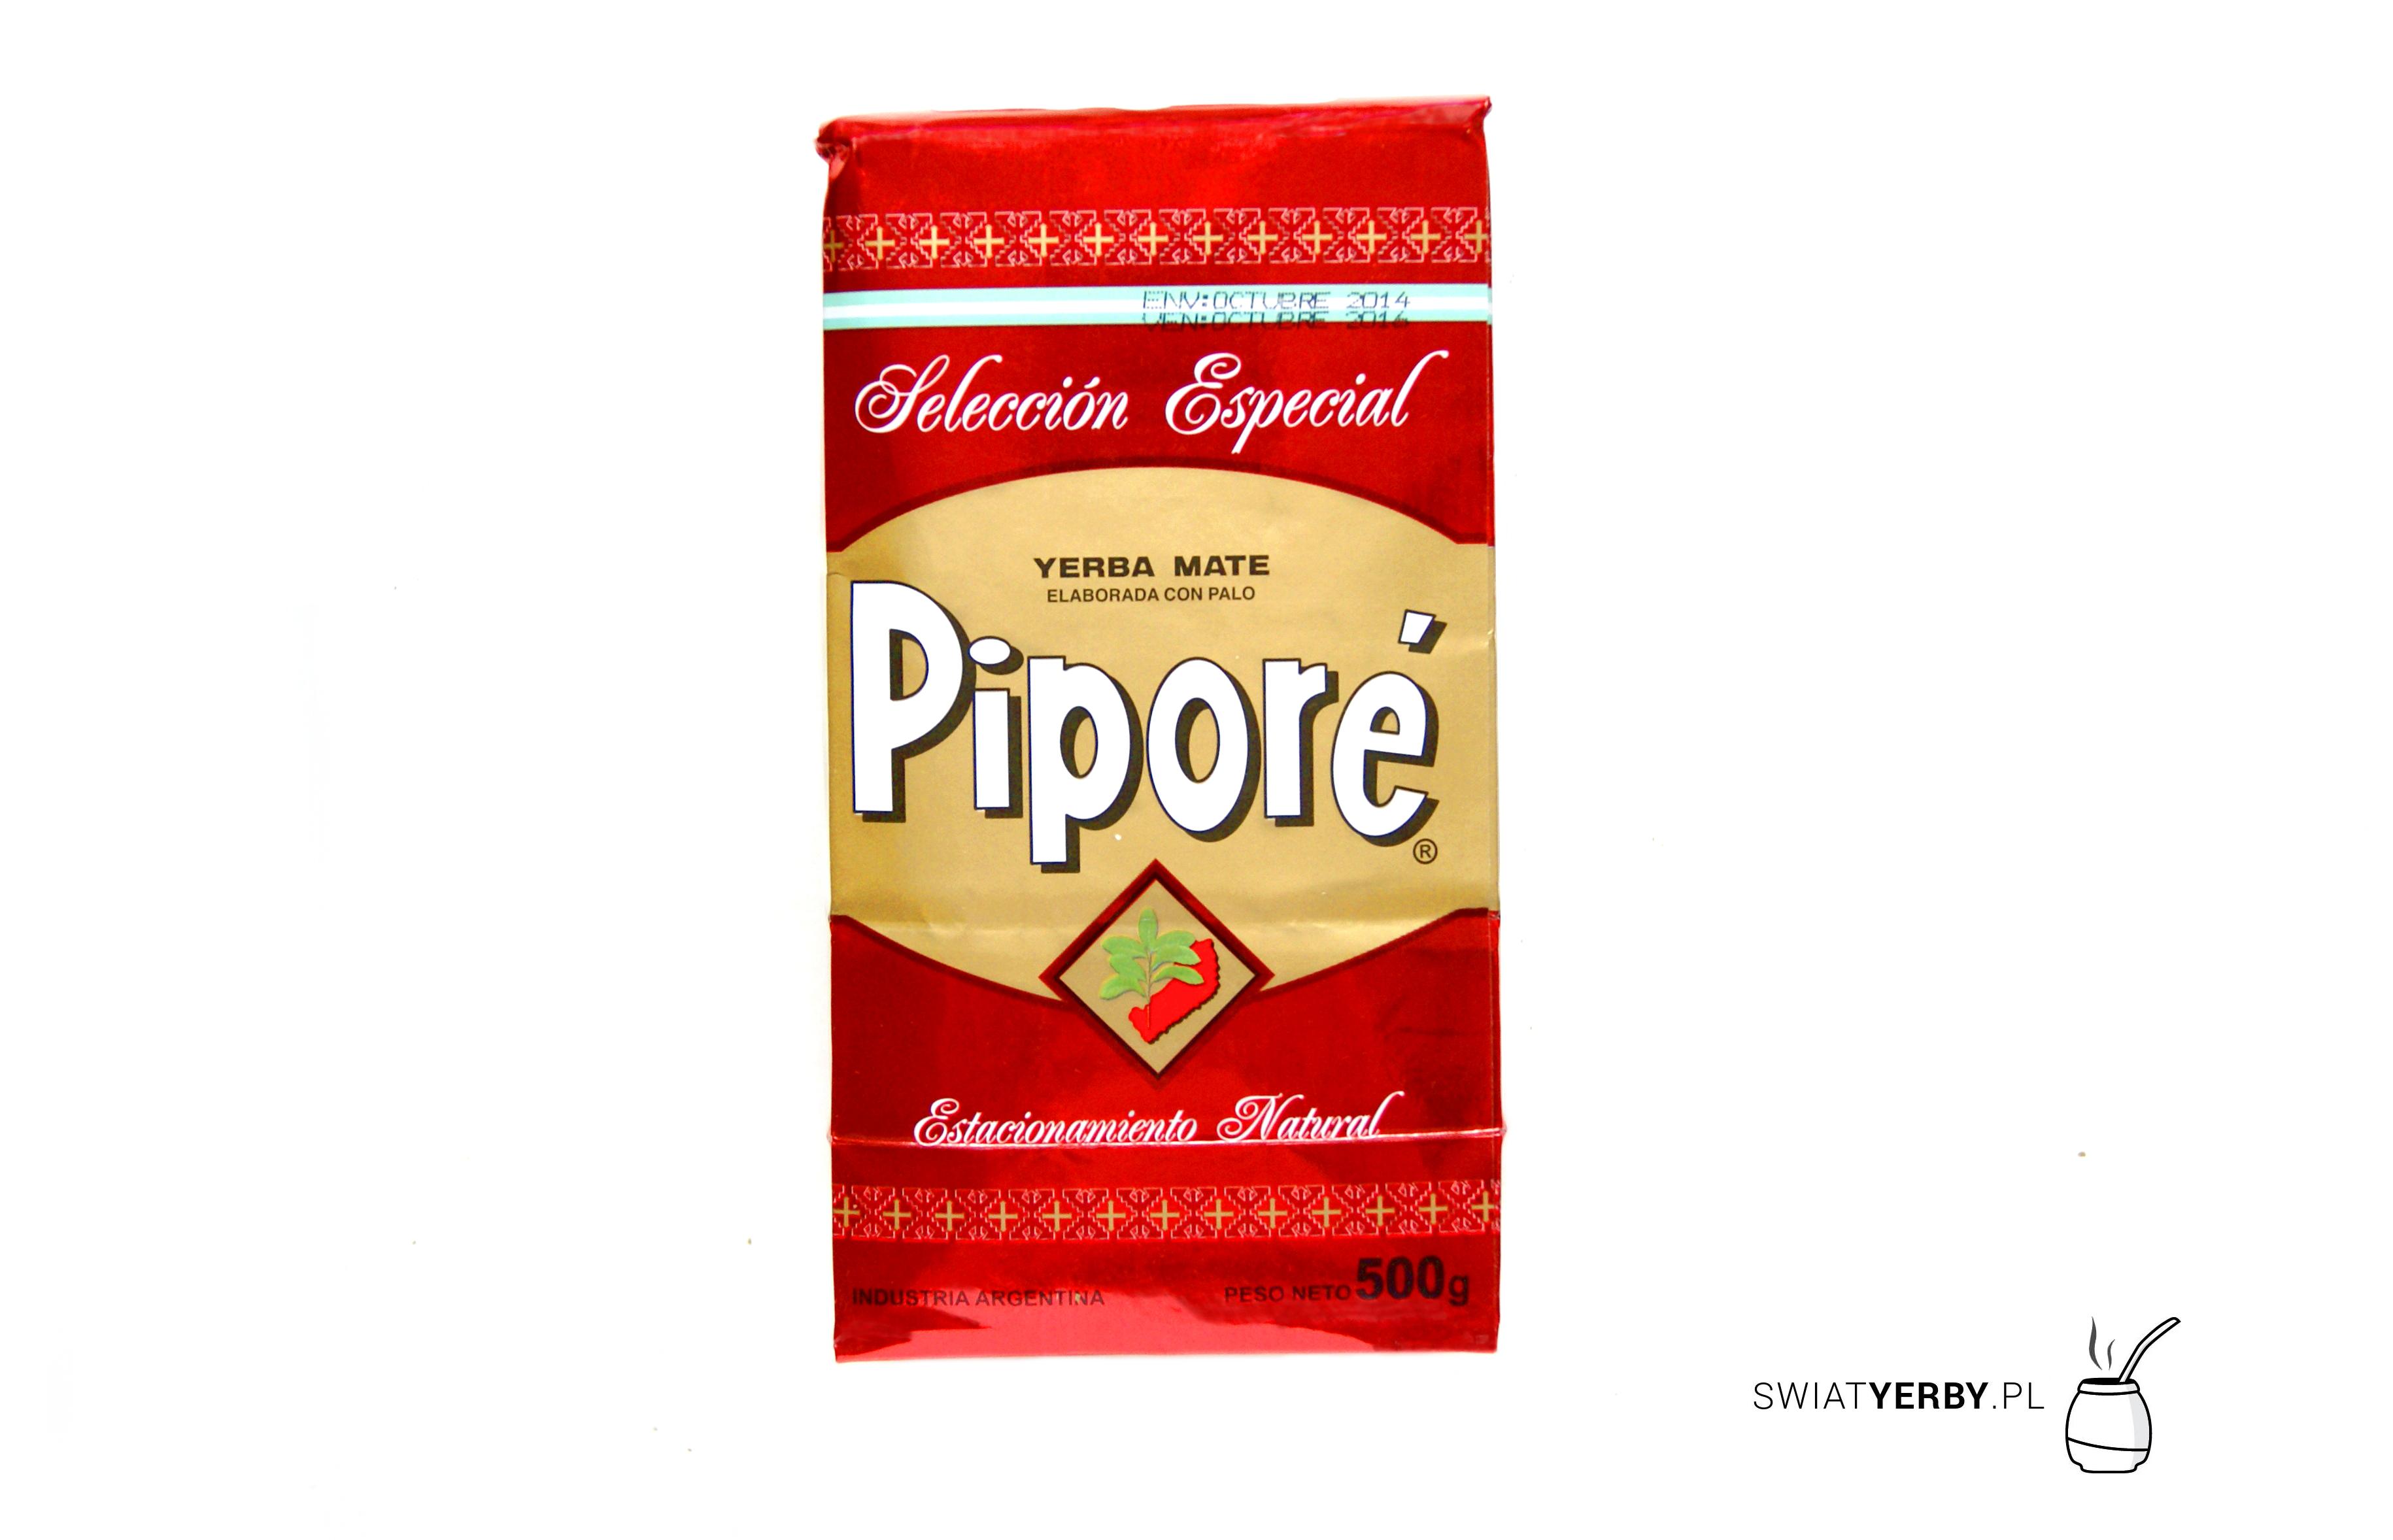 Pipore Seleccion Especial